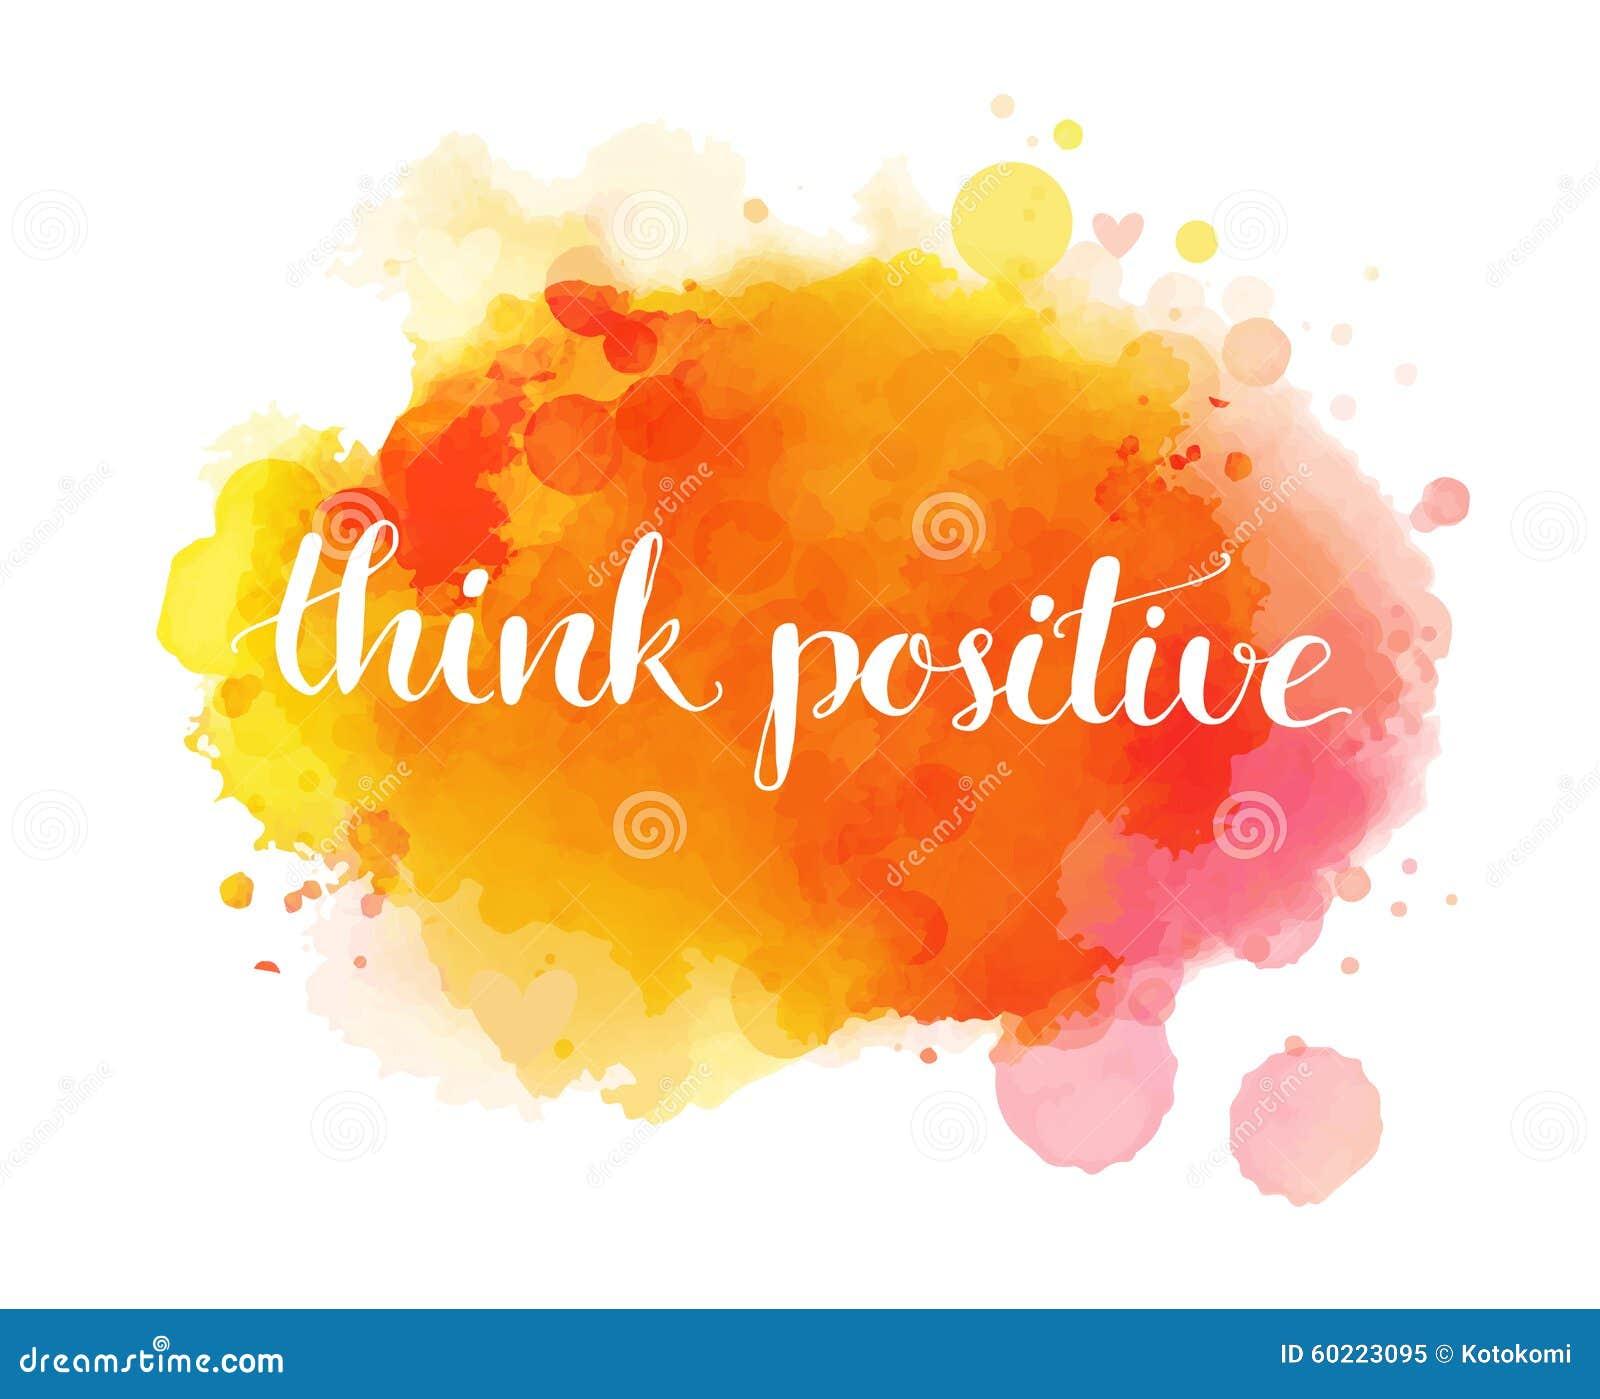 Denk positief Inspirational artistiek citaat,